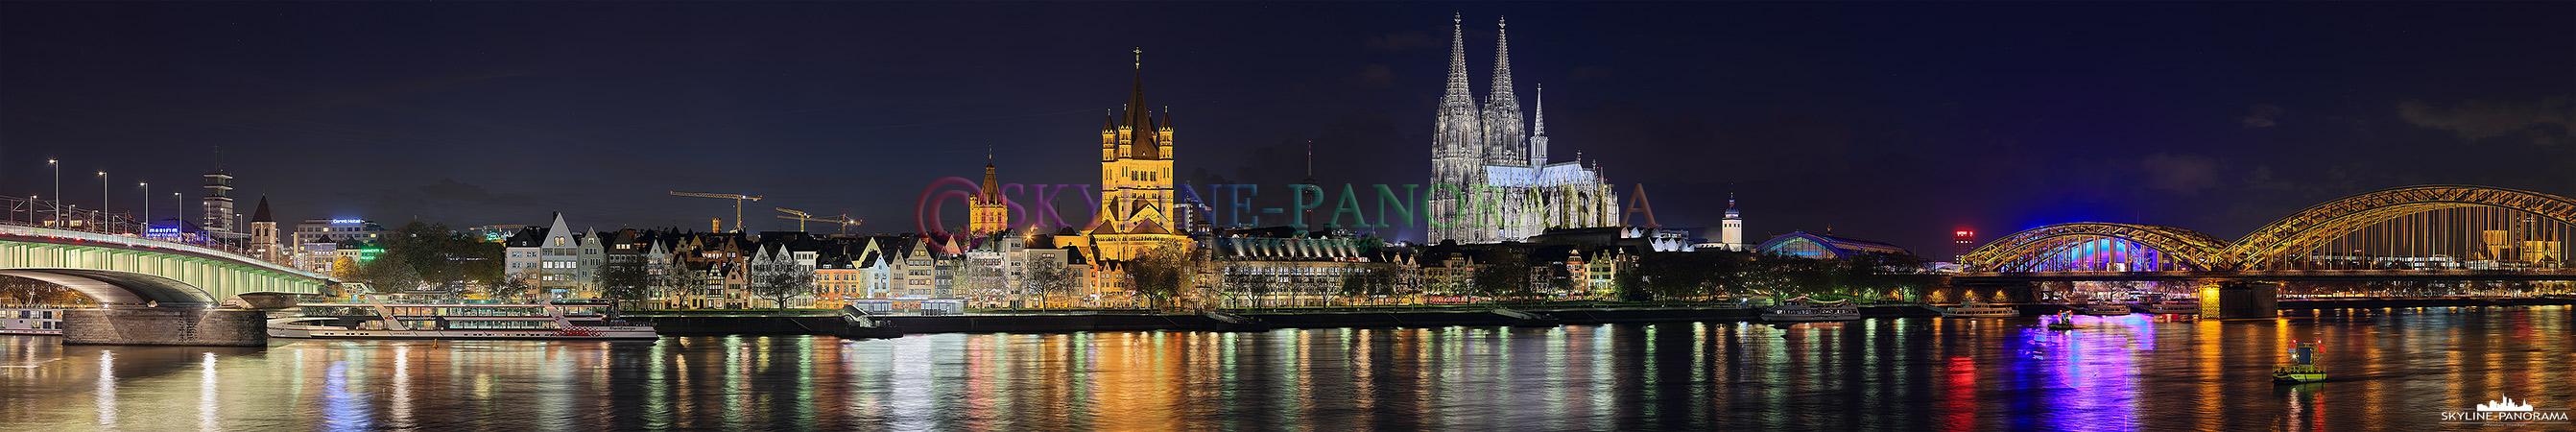 Rheinpanorama von Köln